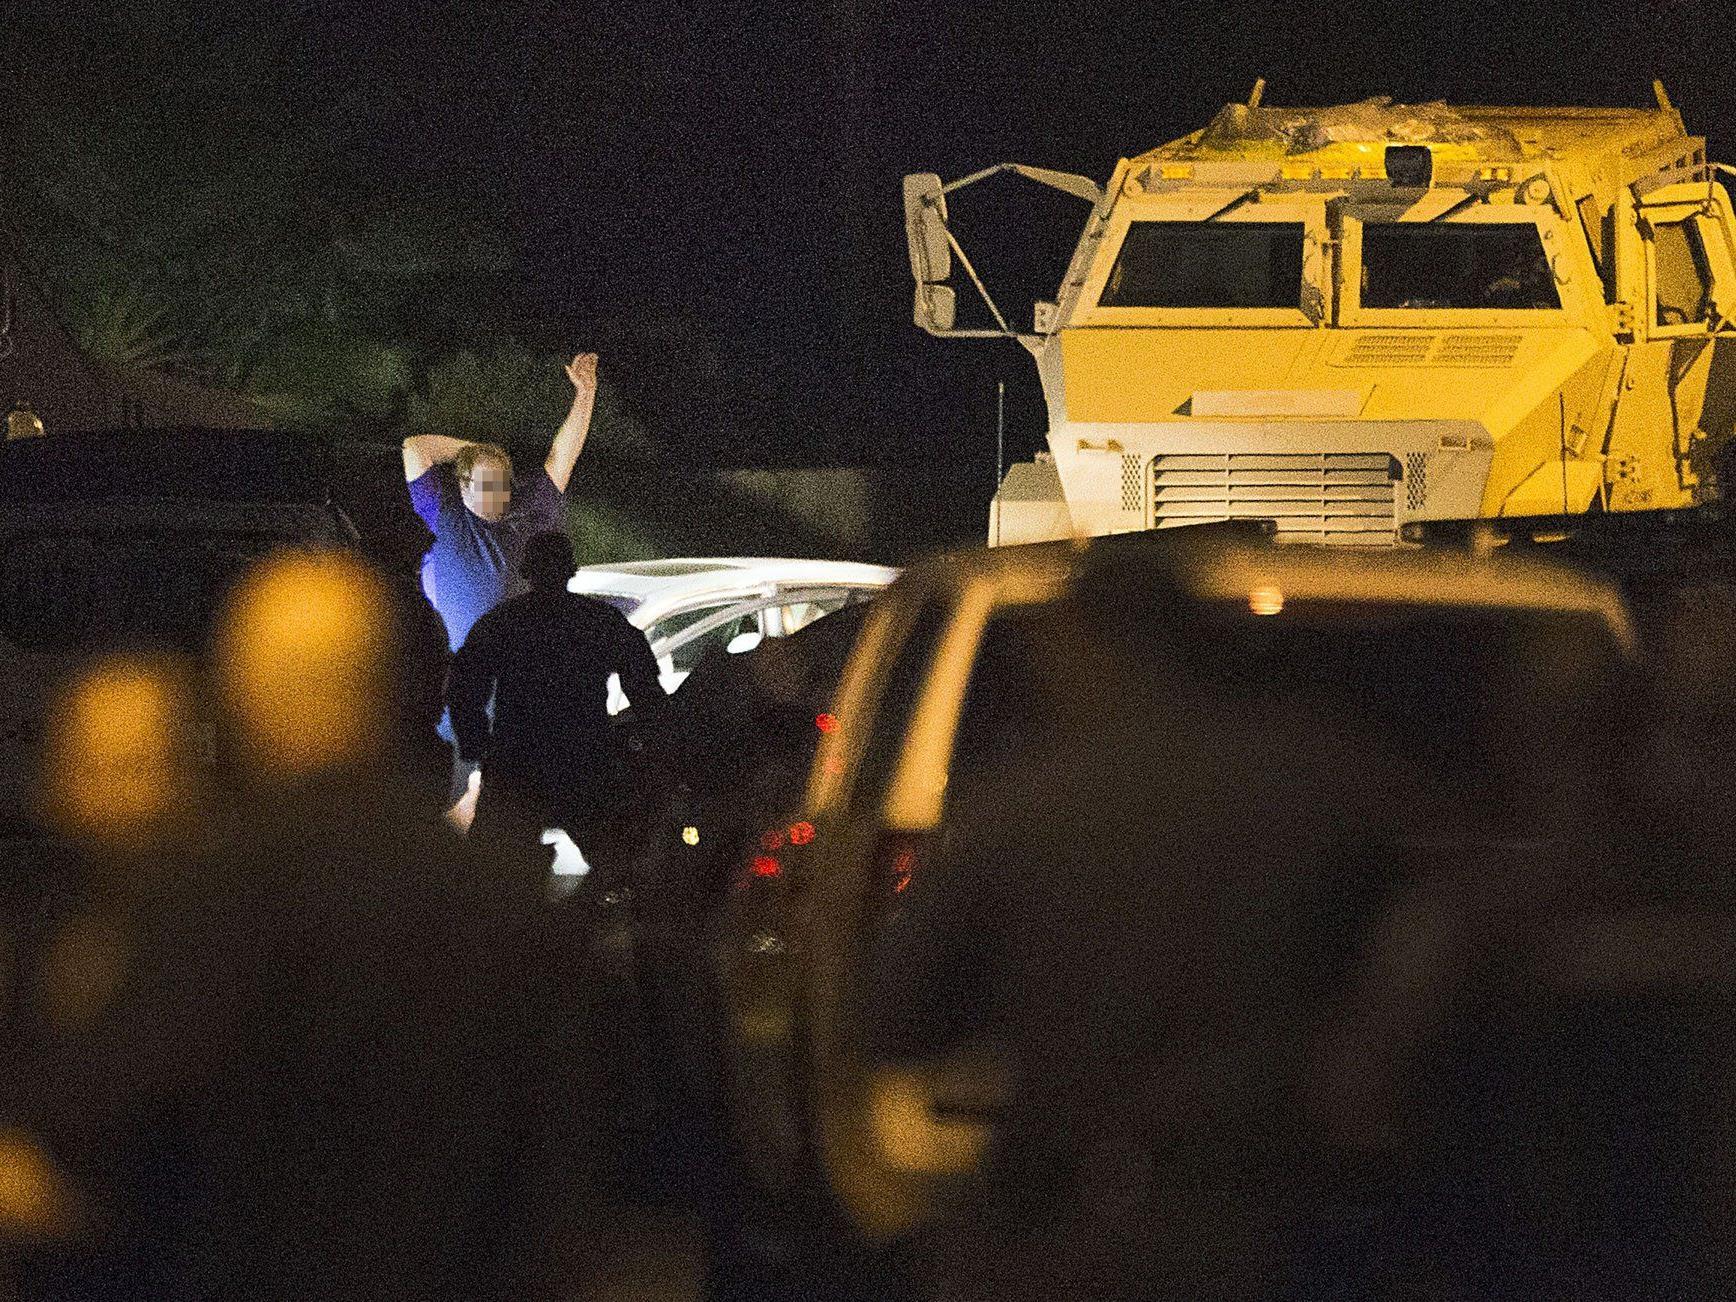 Familientragödie in Houston/ Texas: Mann tötet sechs Menschen, darunter seine vier Kinder.